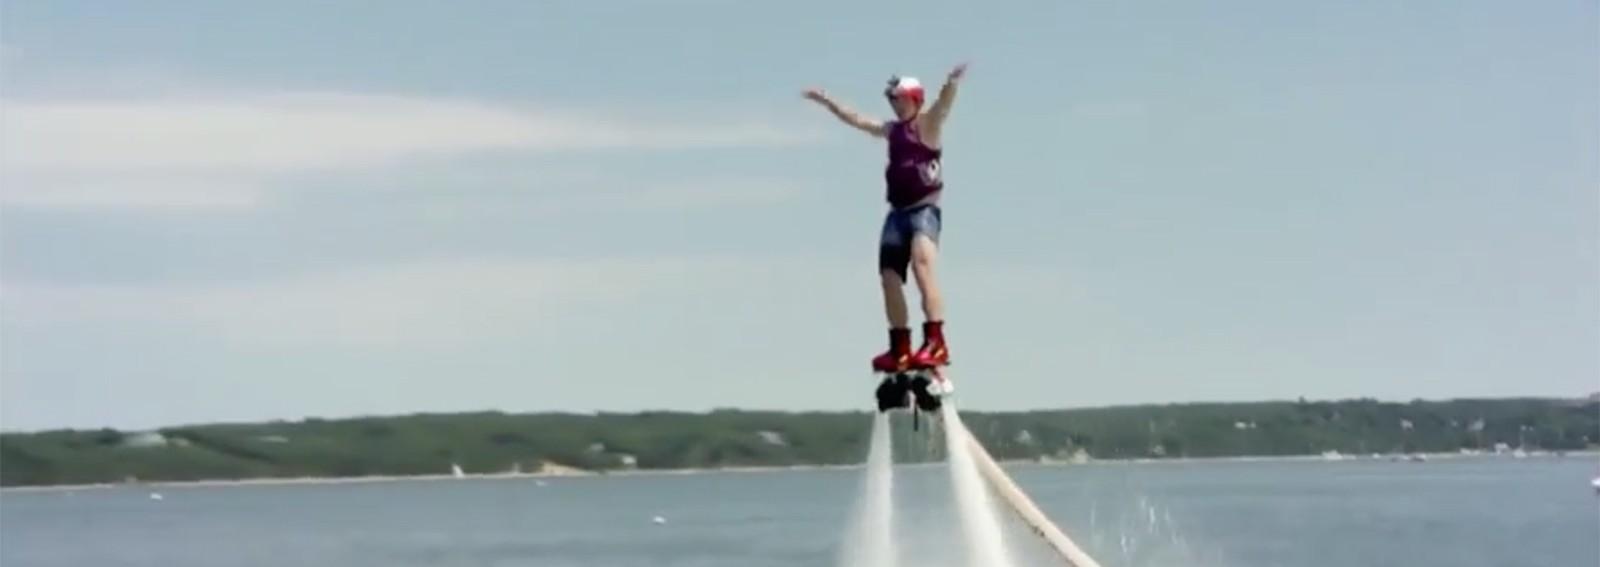 Billy Bush's brutal flyboarding fails will make you cringe